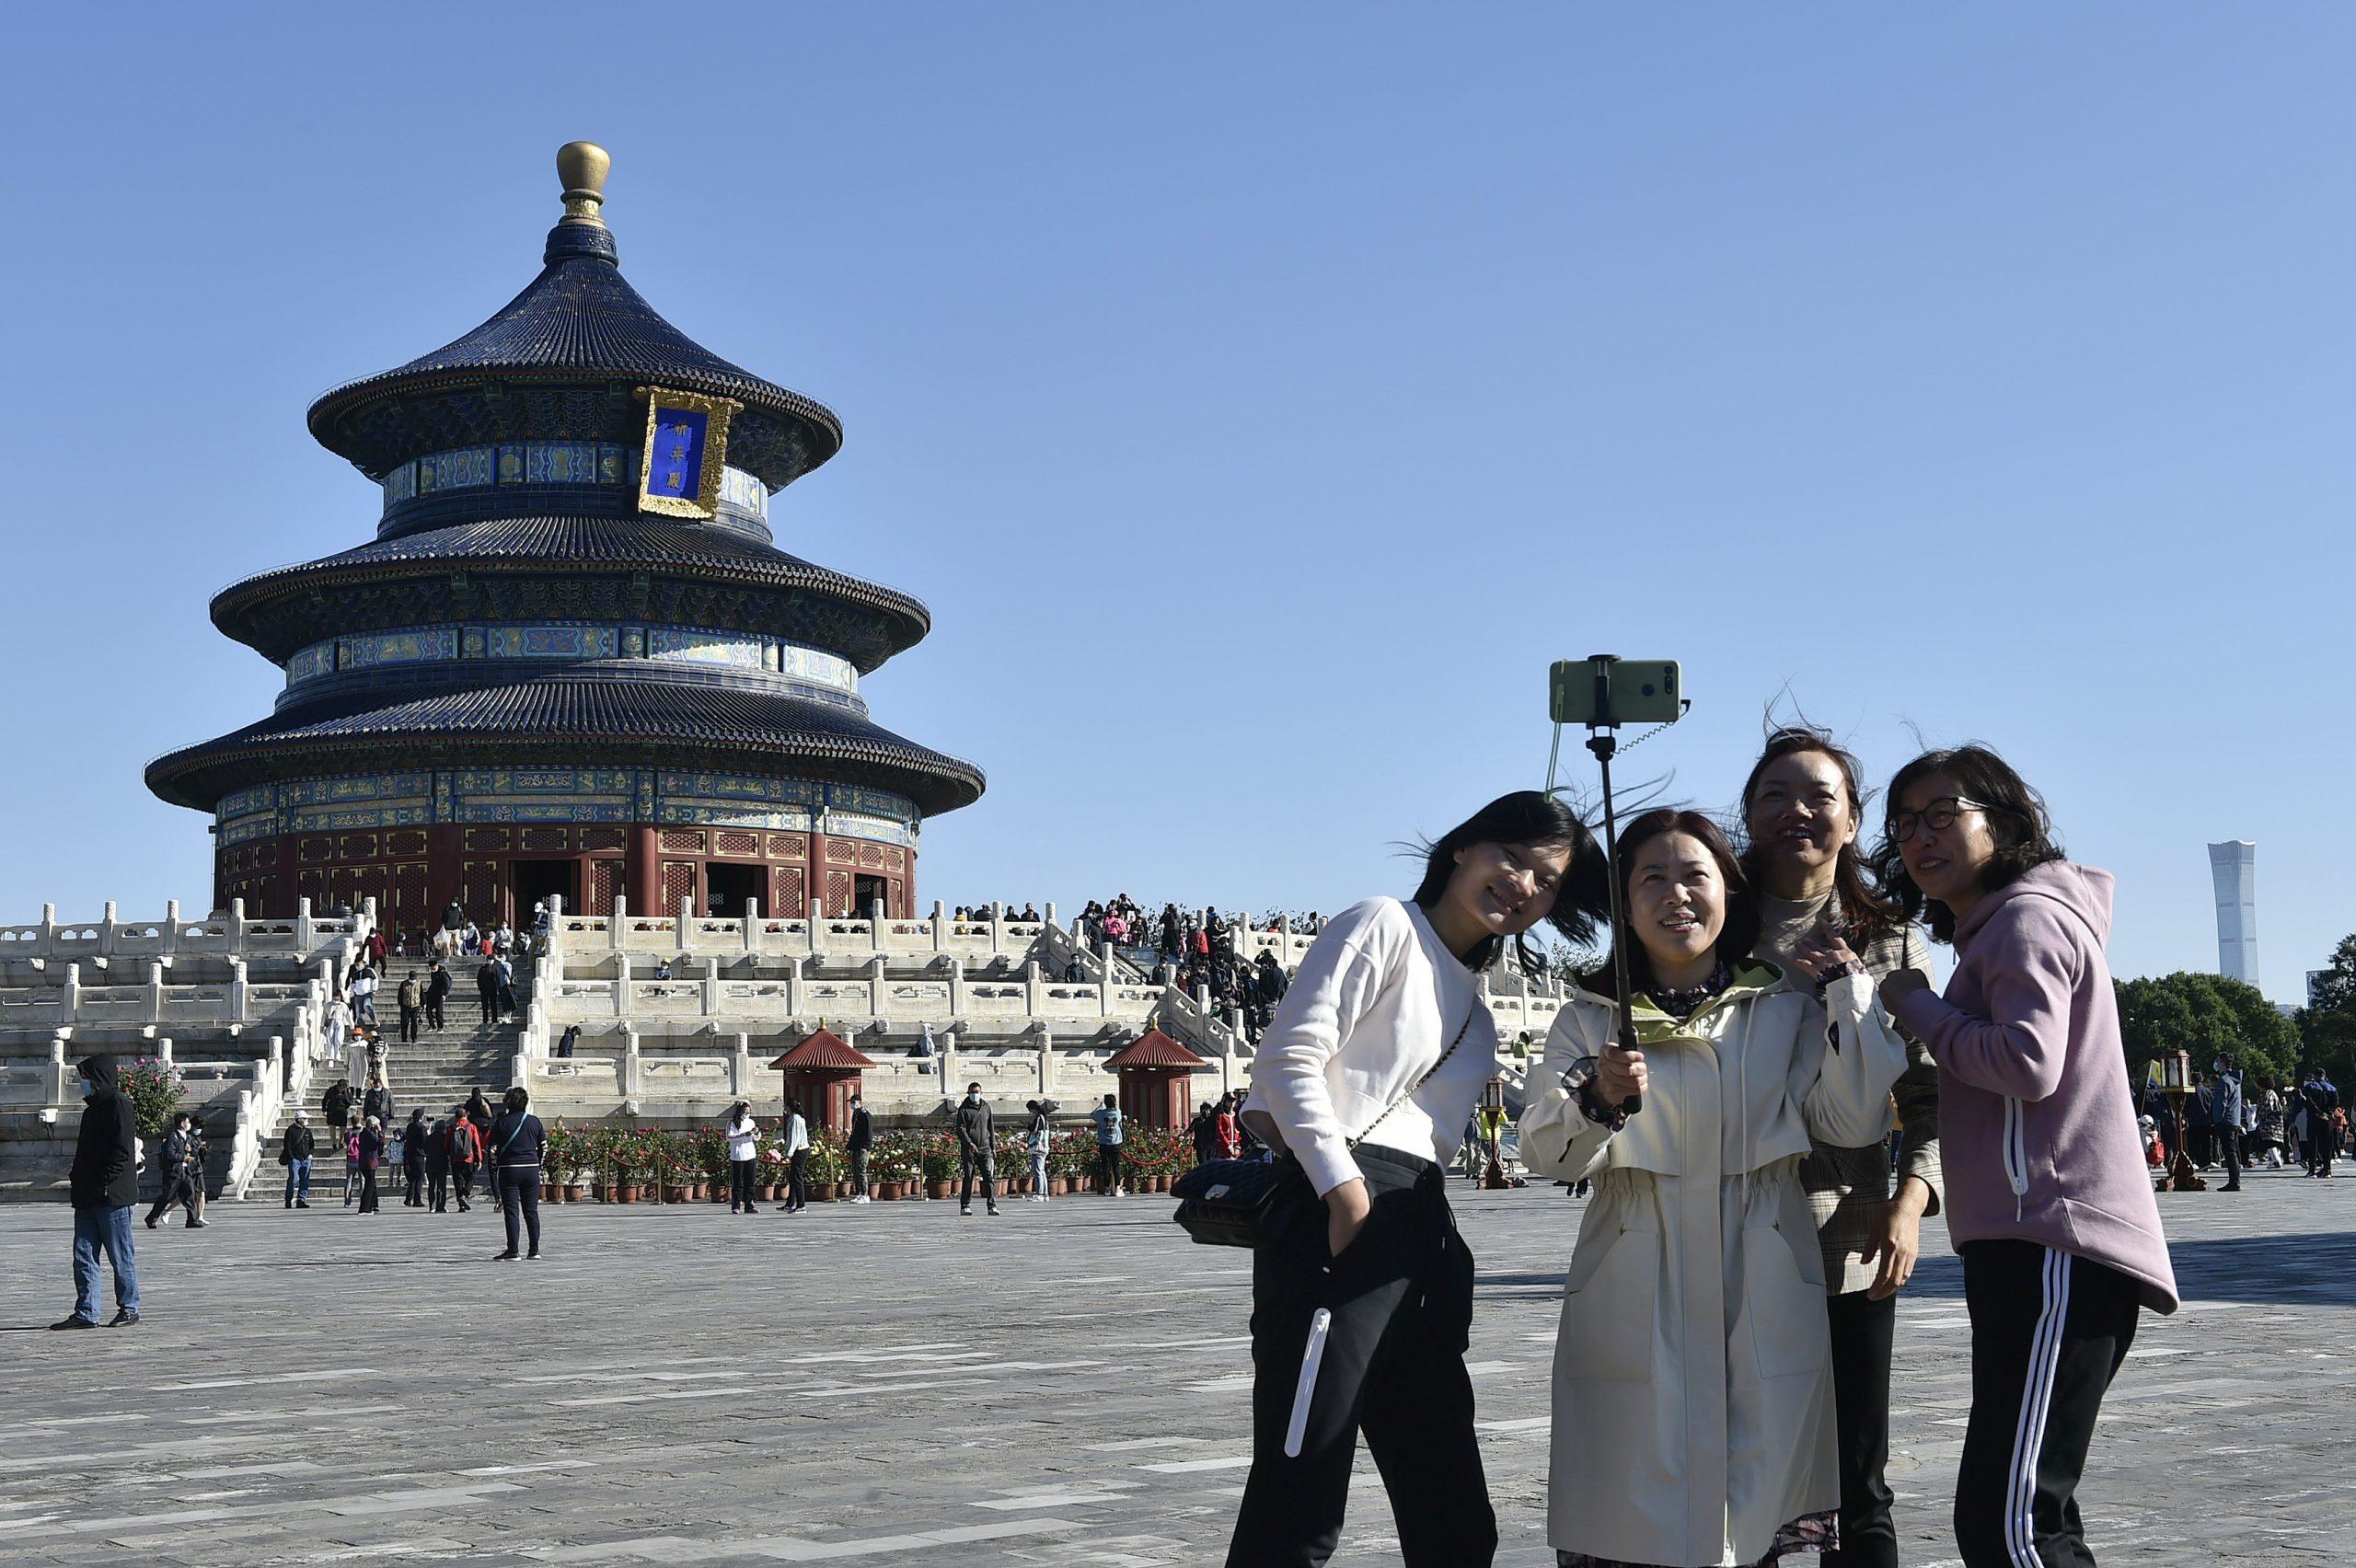 China registra 256 millones de viajes turísticos nacionales durante vacaciones de Fiesta de la Primavera